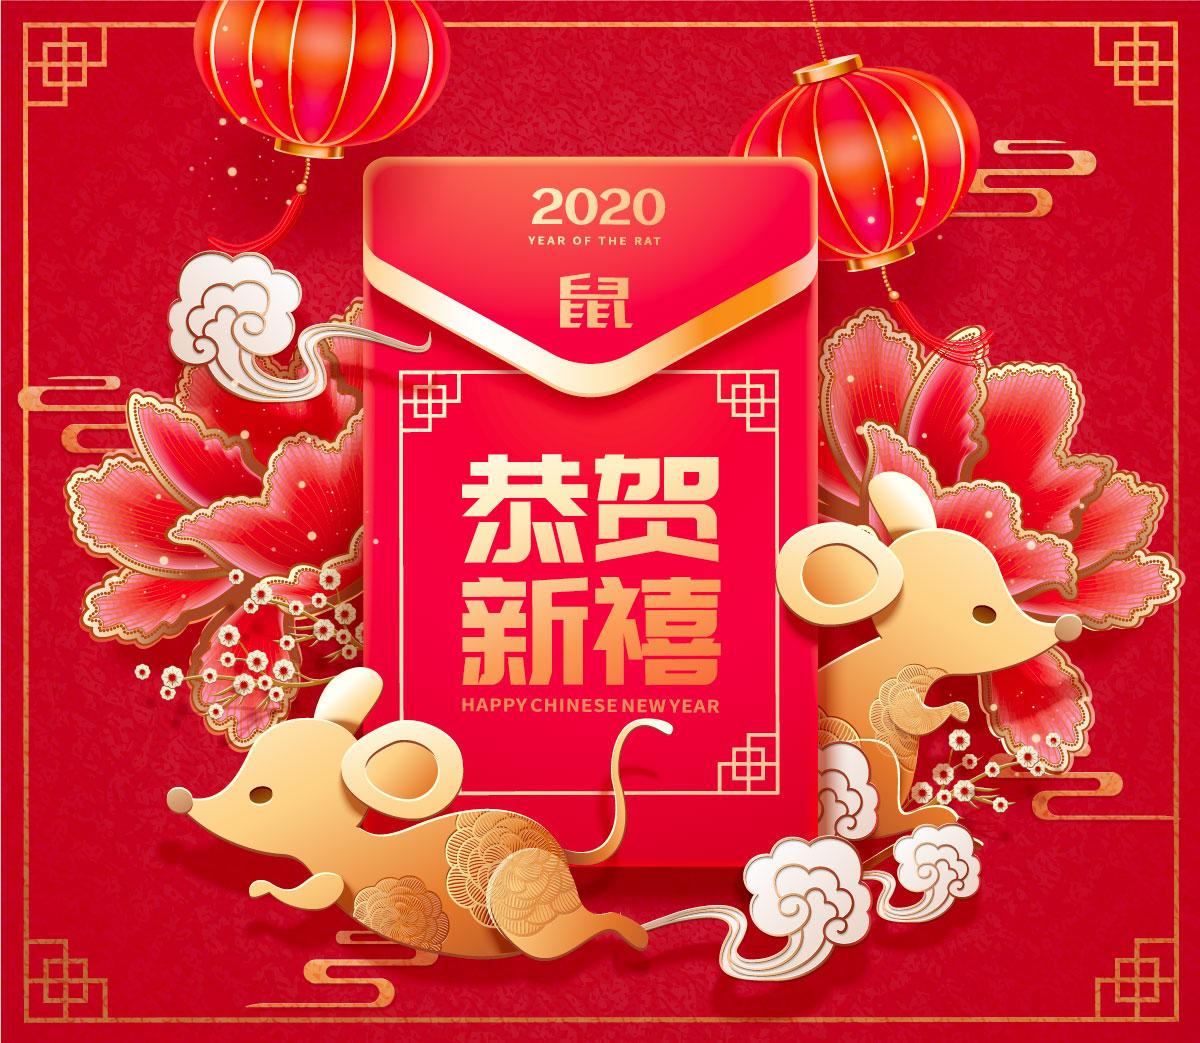 2020新年农历鼠年海报贺卡设计矢量素材 Happy Year Of The Rat Paper Art插图(4)